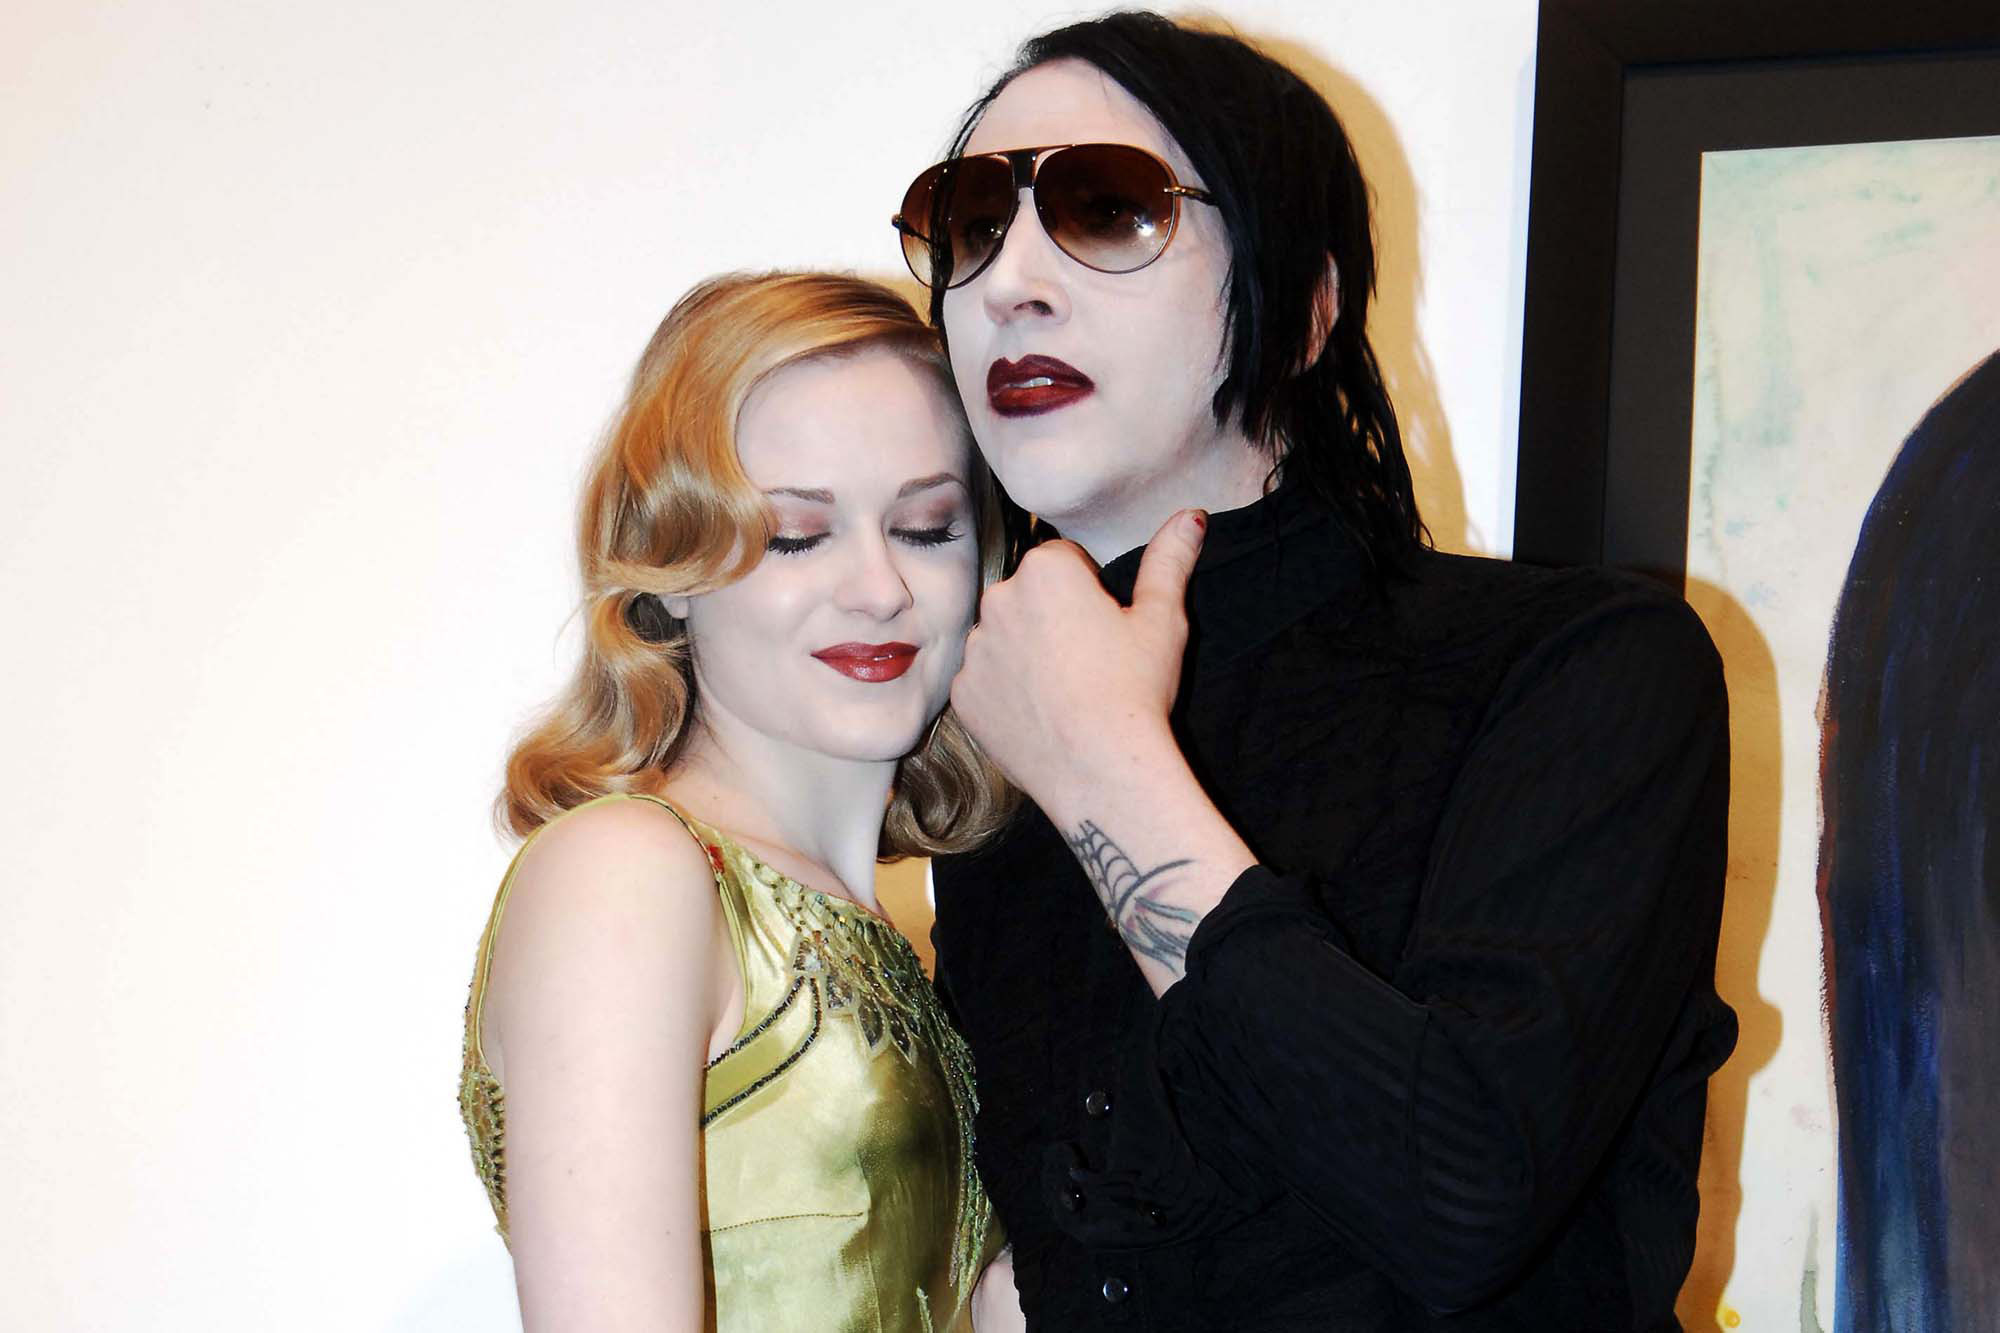 Evan Rachel Wood filed a police report against Marilyn Mansons